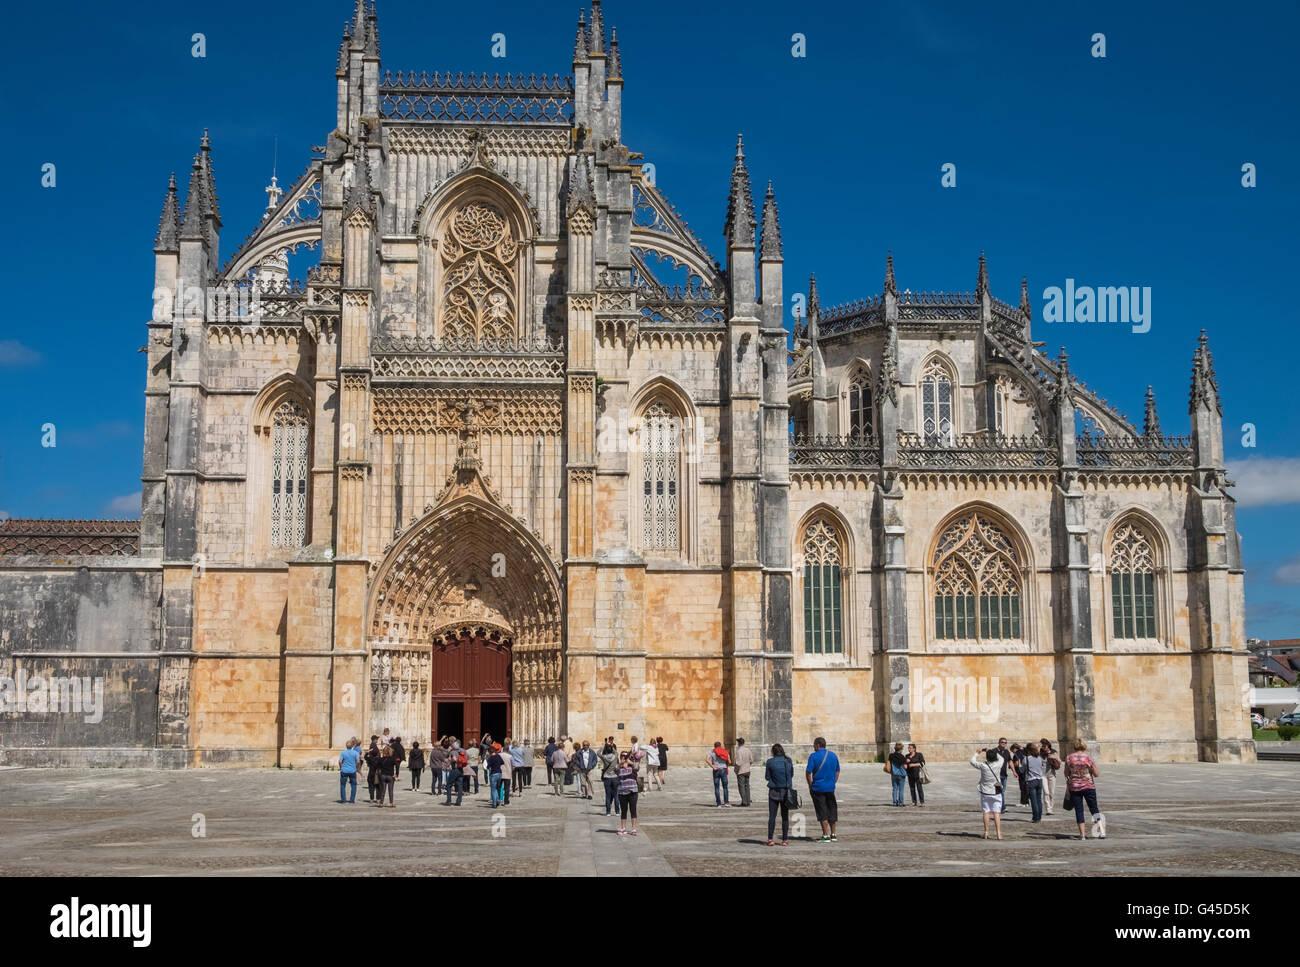 Touristen am Kloster Batalha (Mosteiro da Batalha), ein UNESCO-Weltkulturerbe, Batalha, Portugal Stockbild